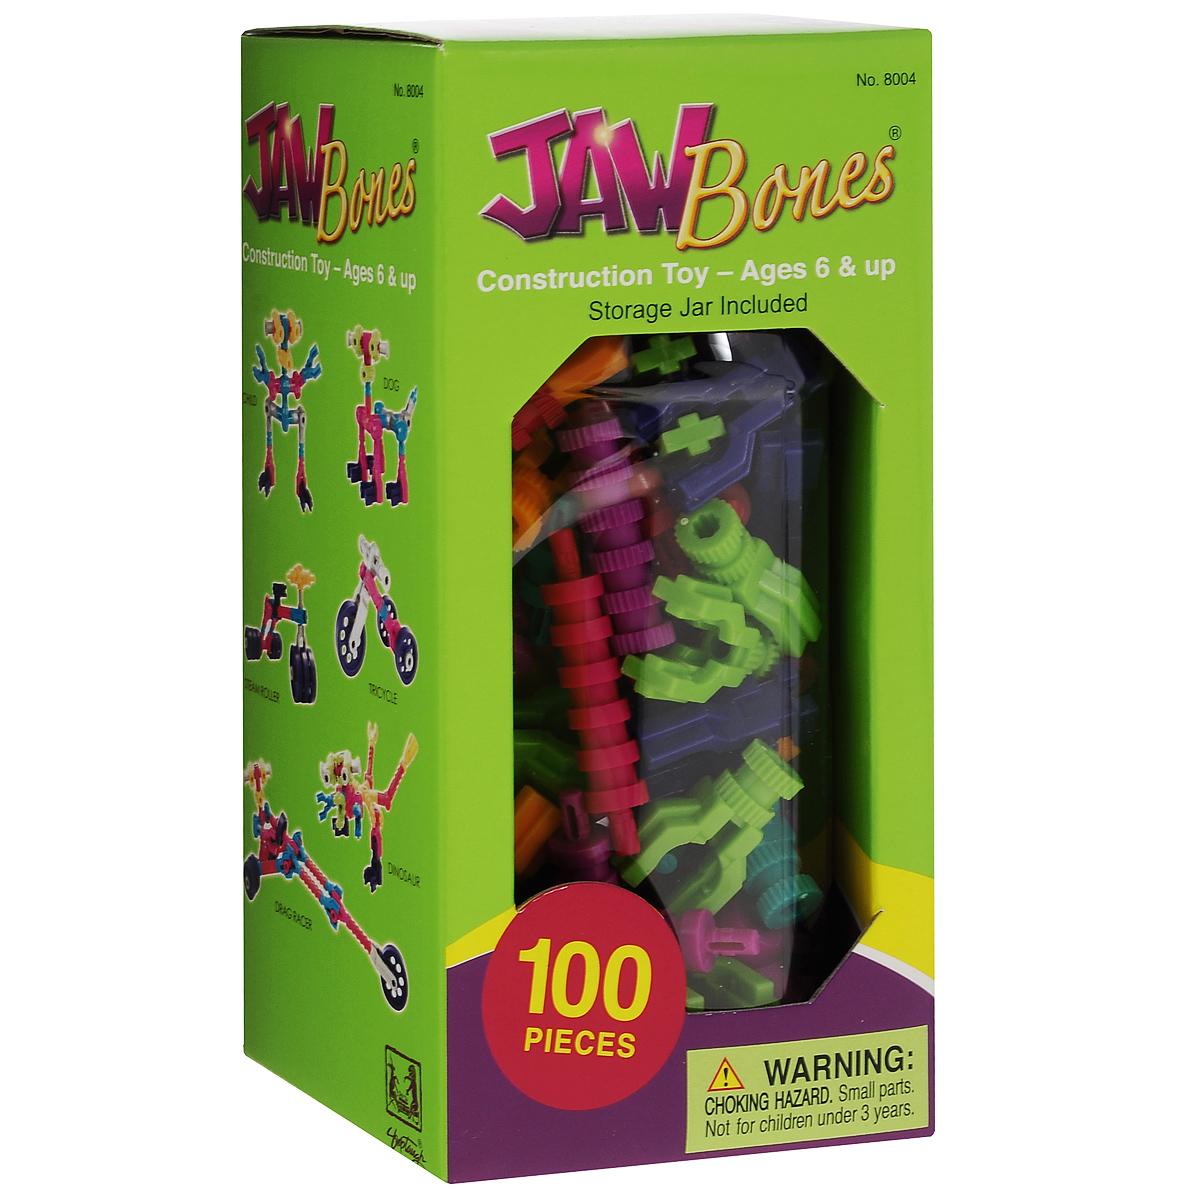 Jawbones Конструктор 8004 игрушка jawbones конструктор 100 деталей в банке для хранения